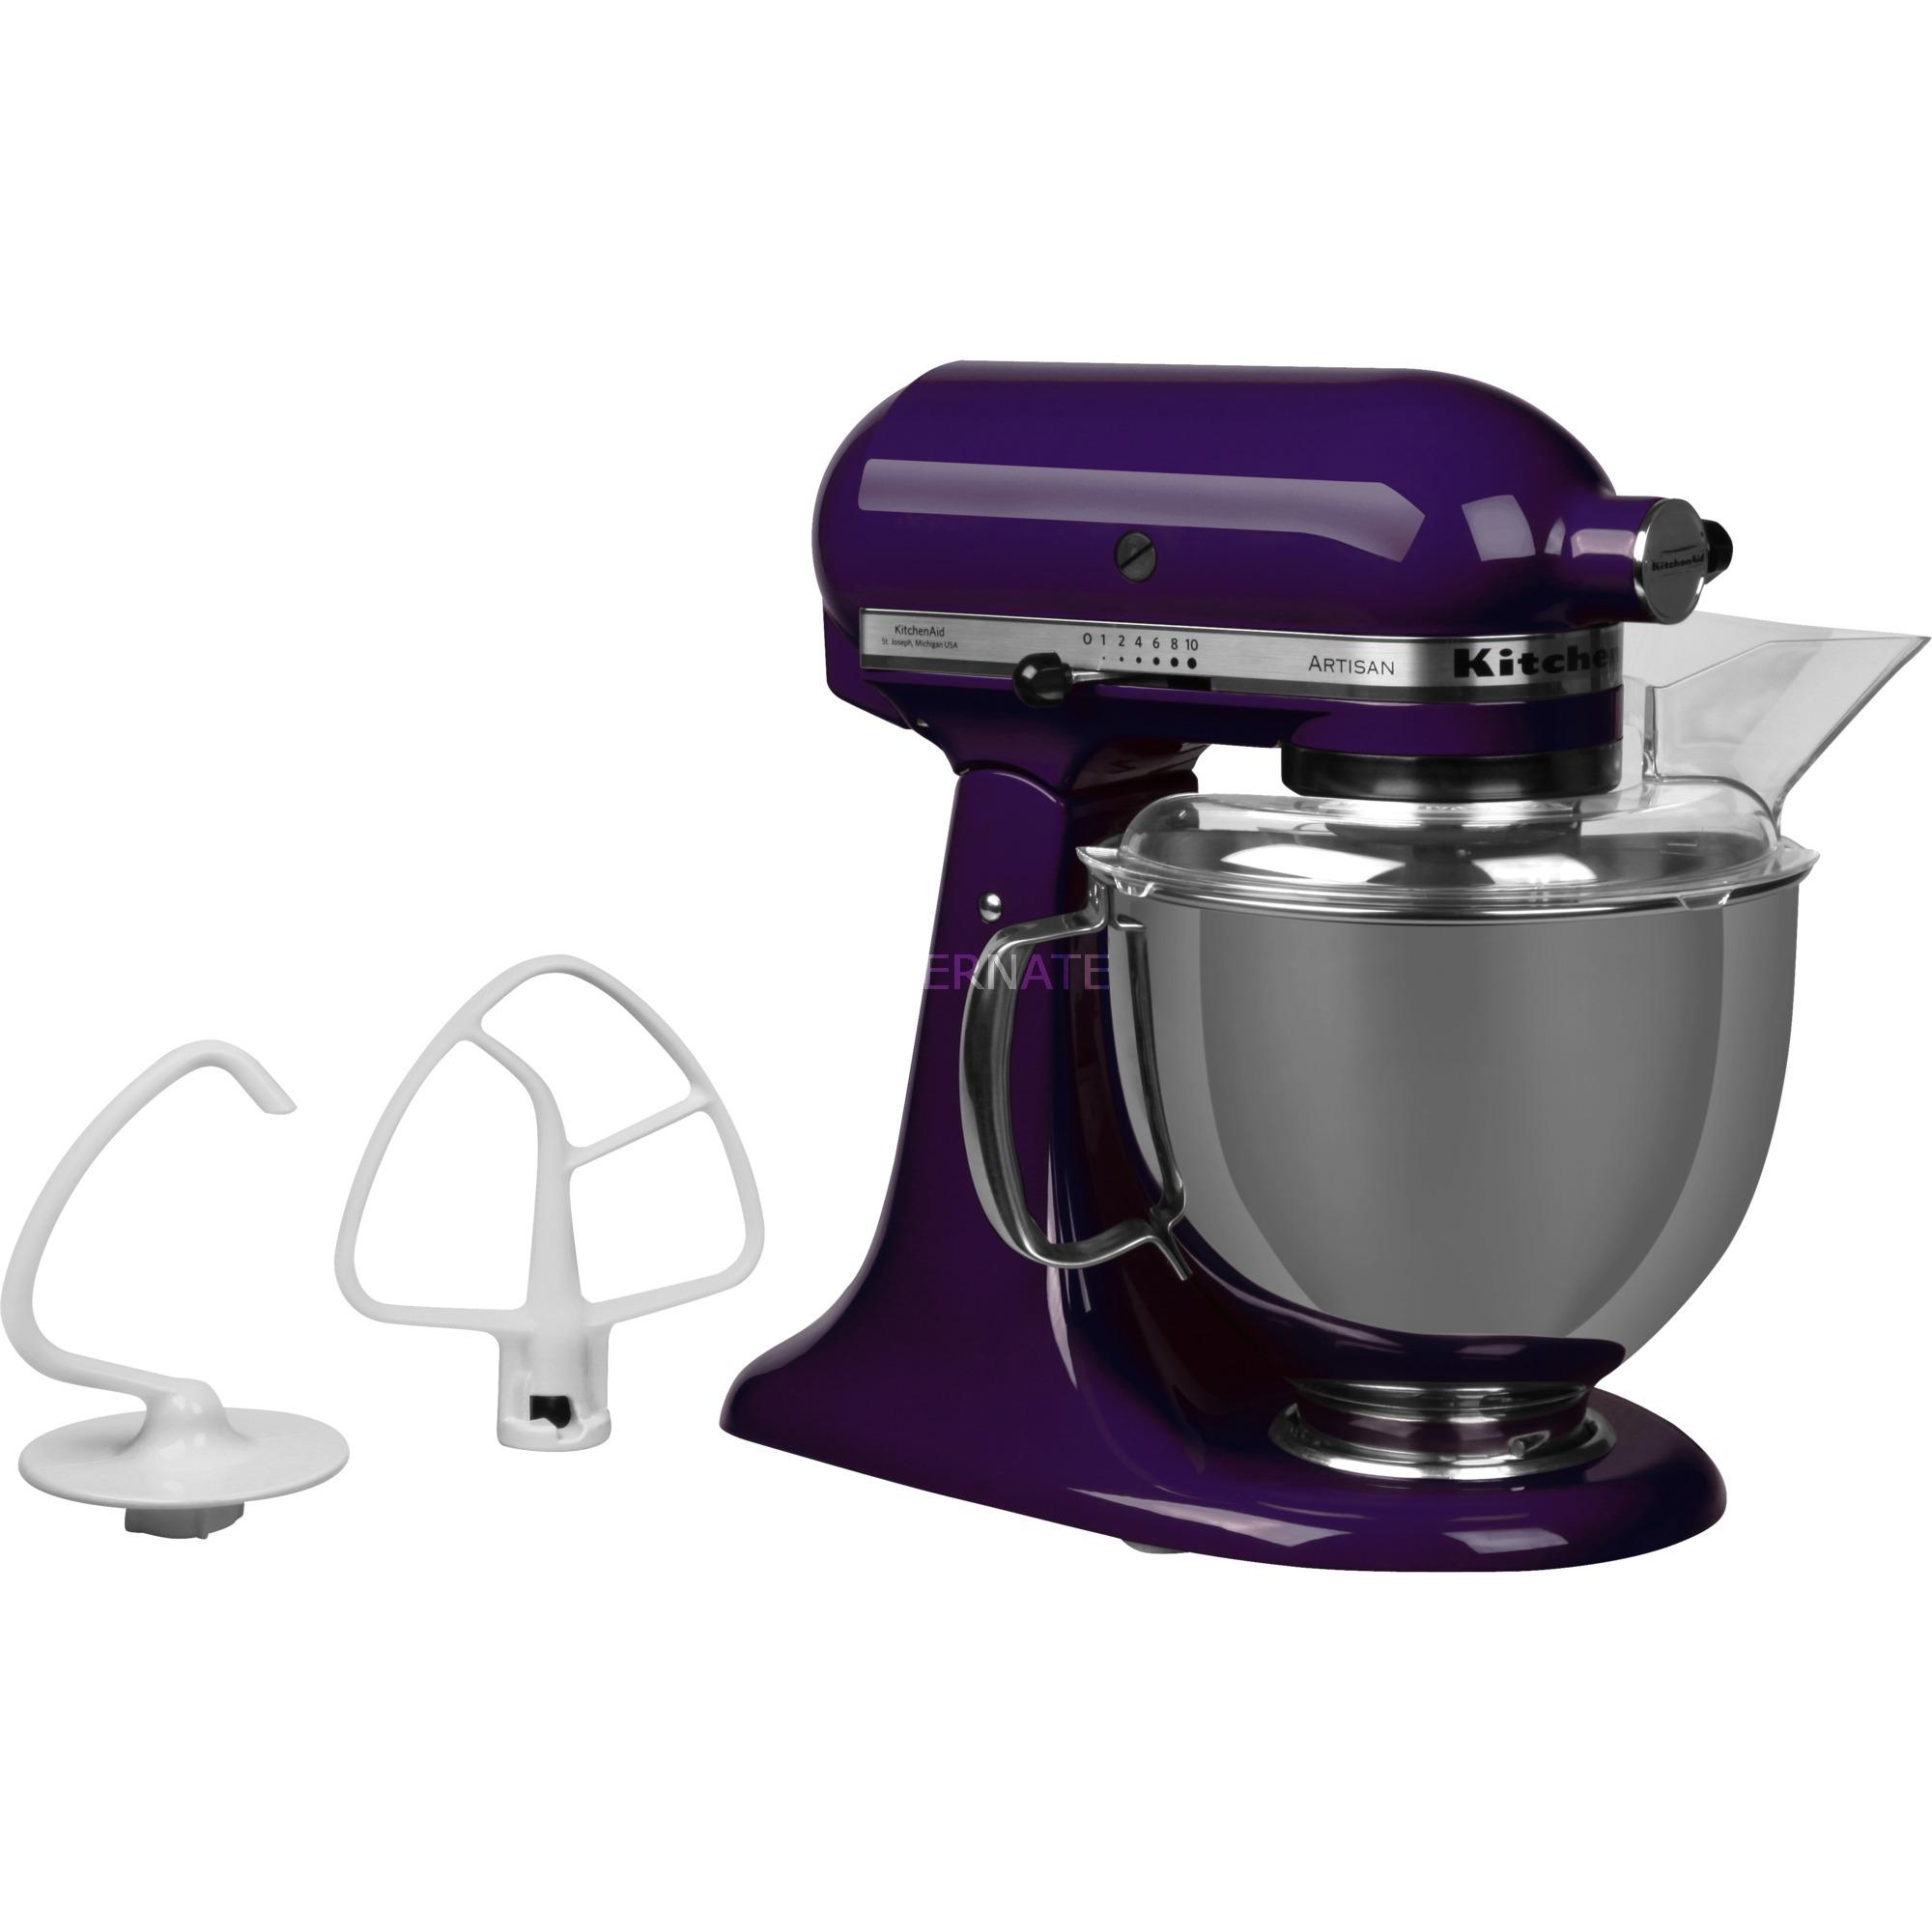 KitchenAid Artisan 5KSM175PSEPB, Küchenmaschine dunkelviolett